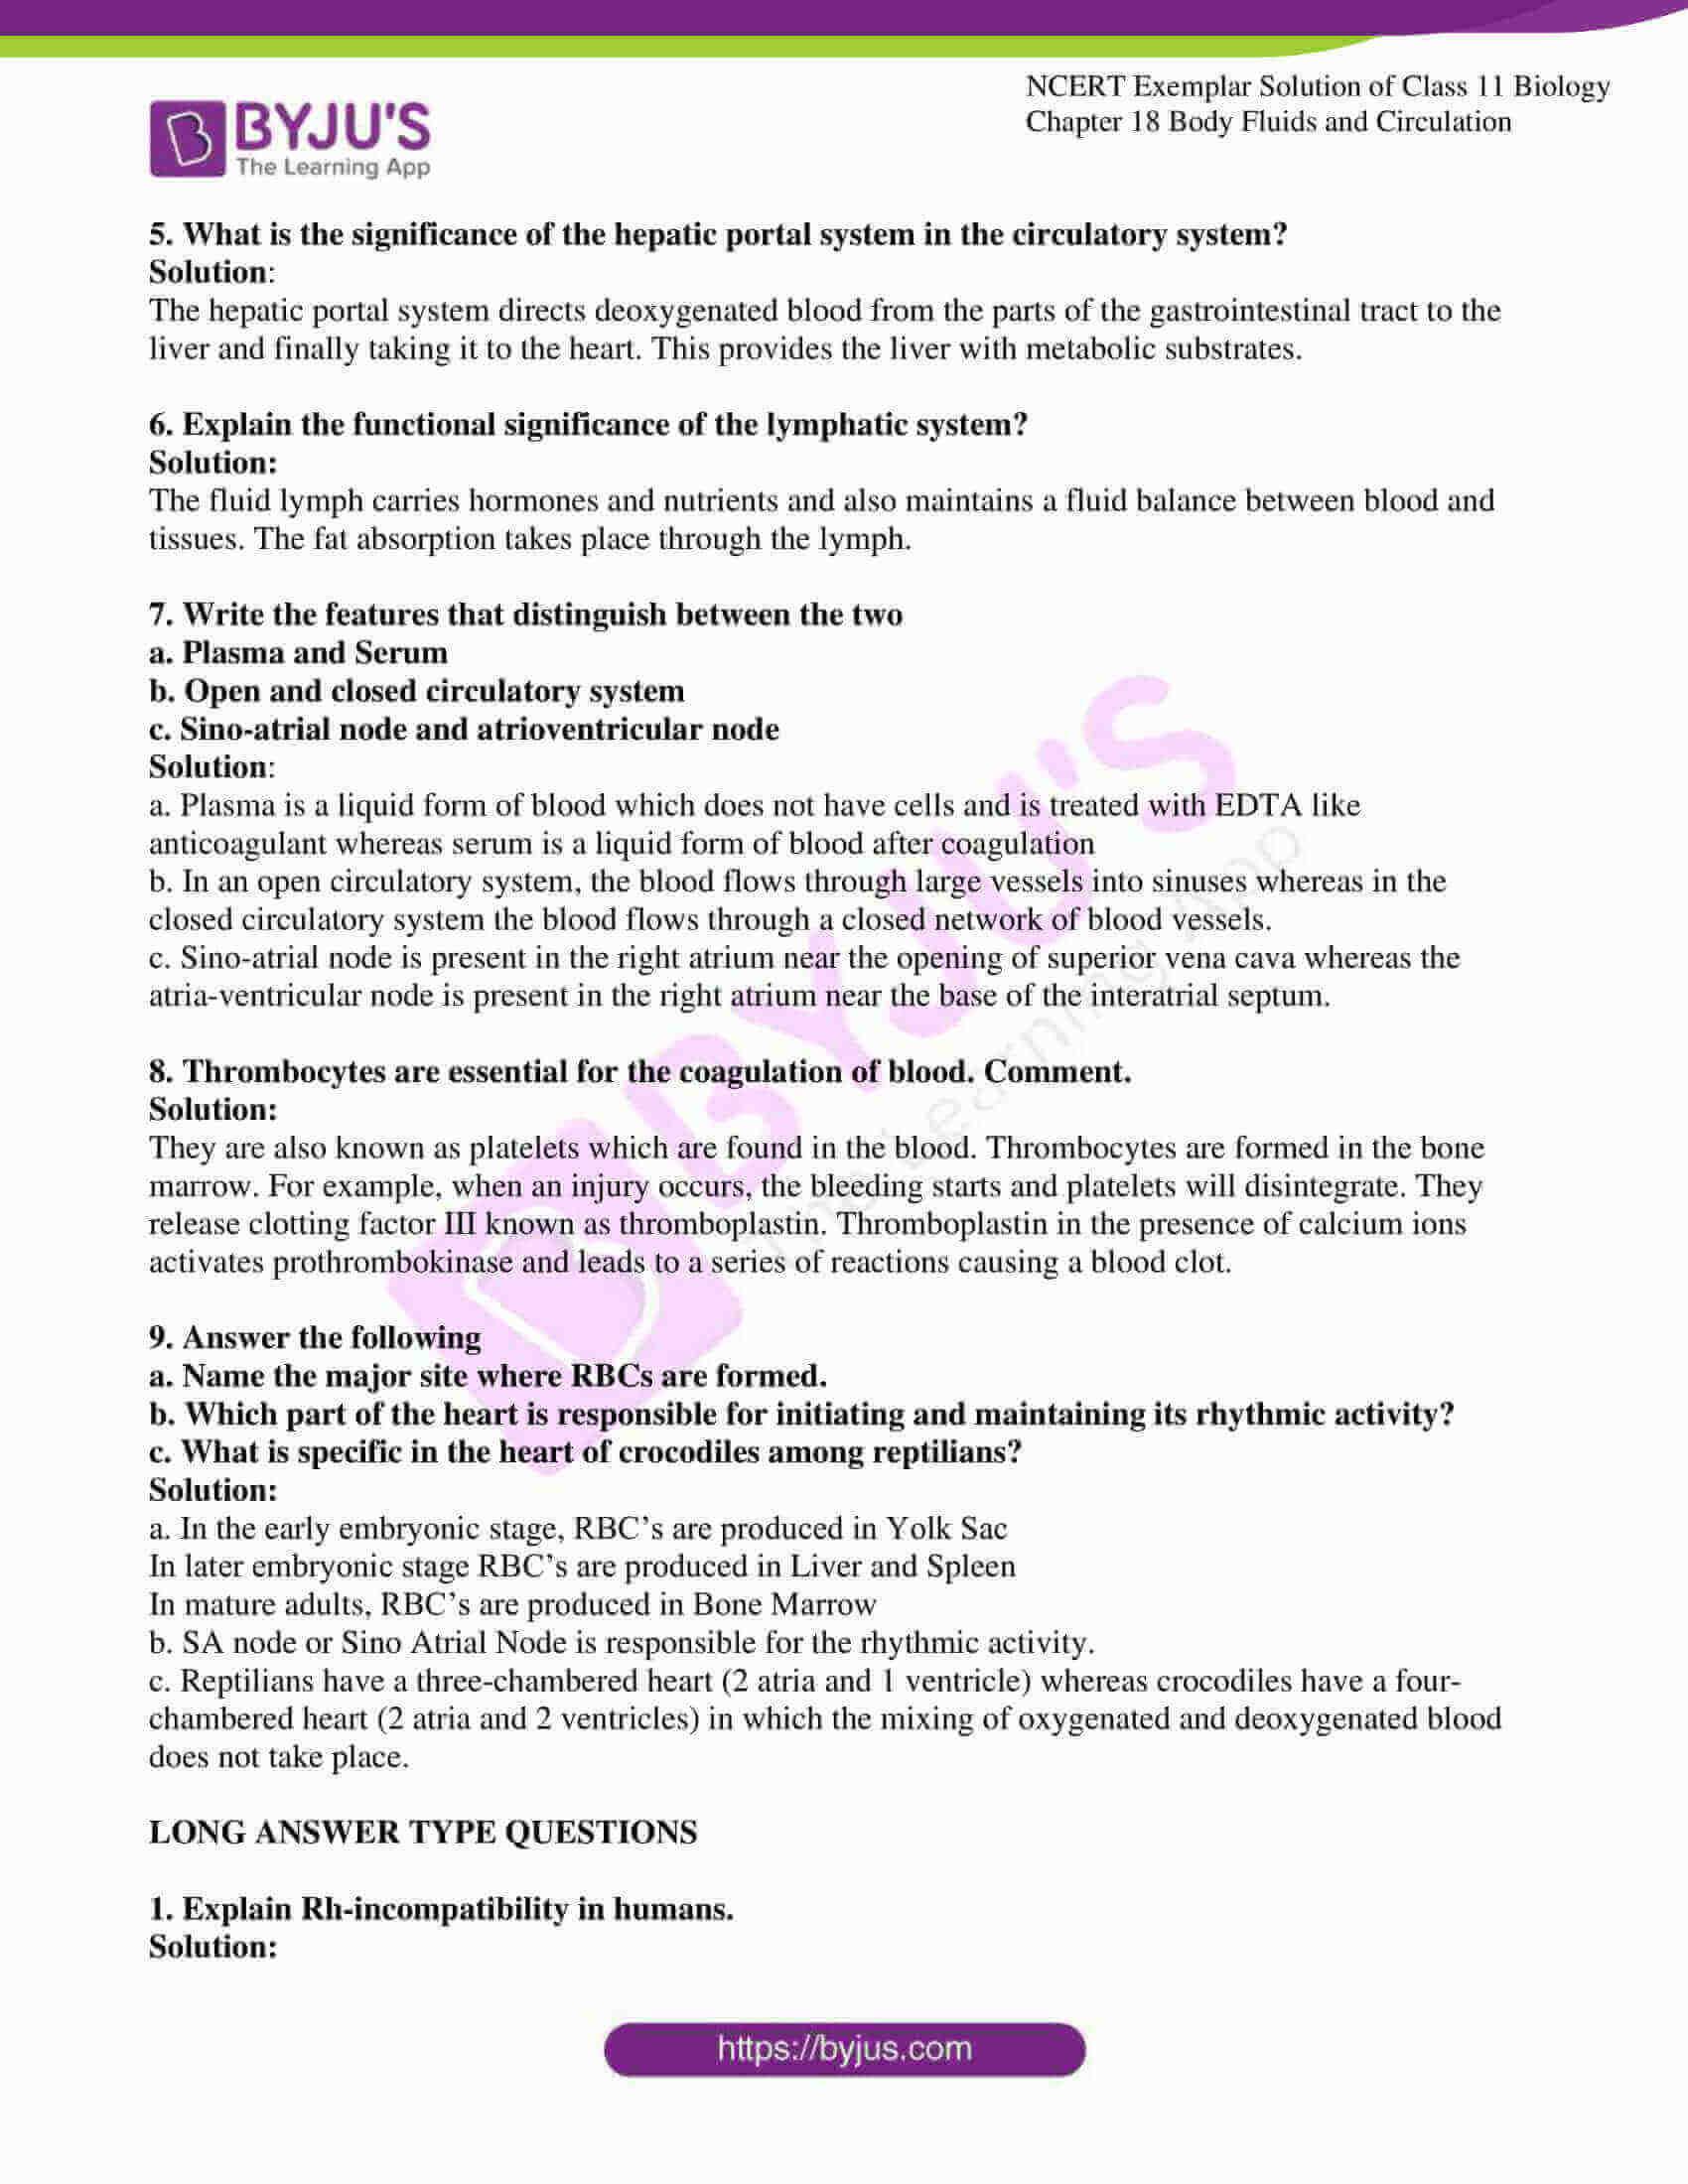 ncert exemplar solutions class 11 biology chapter 18 08